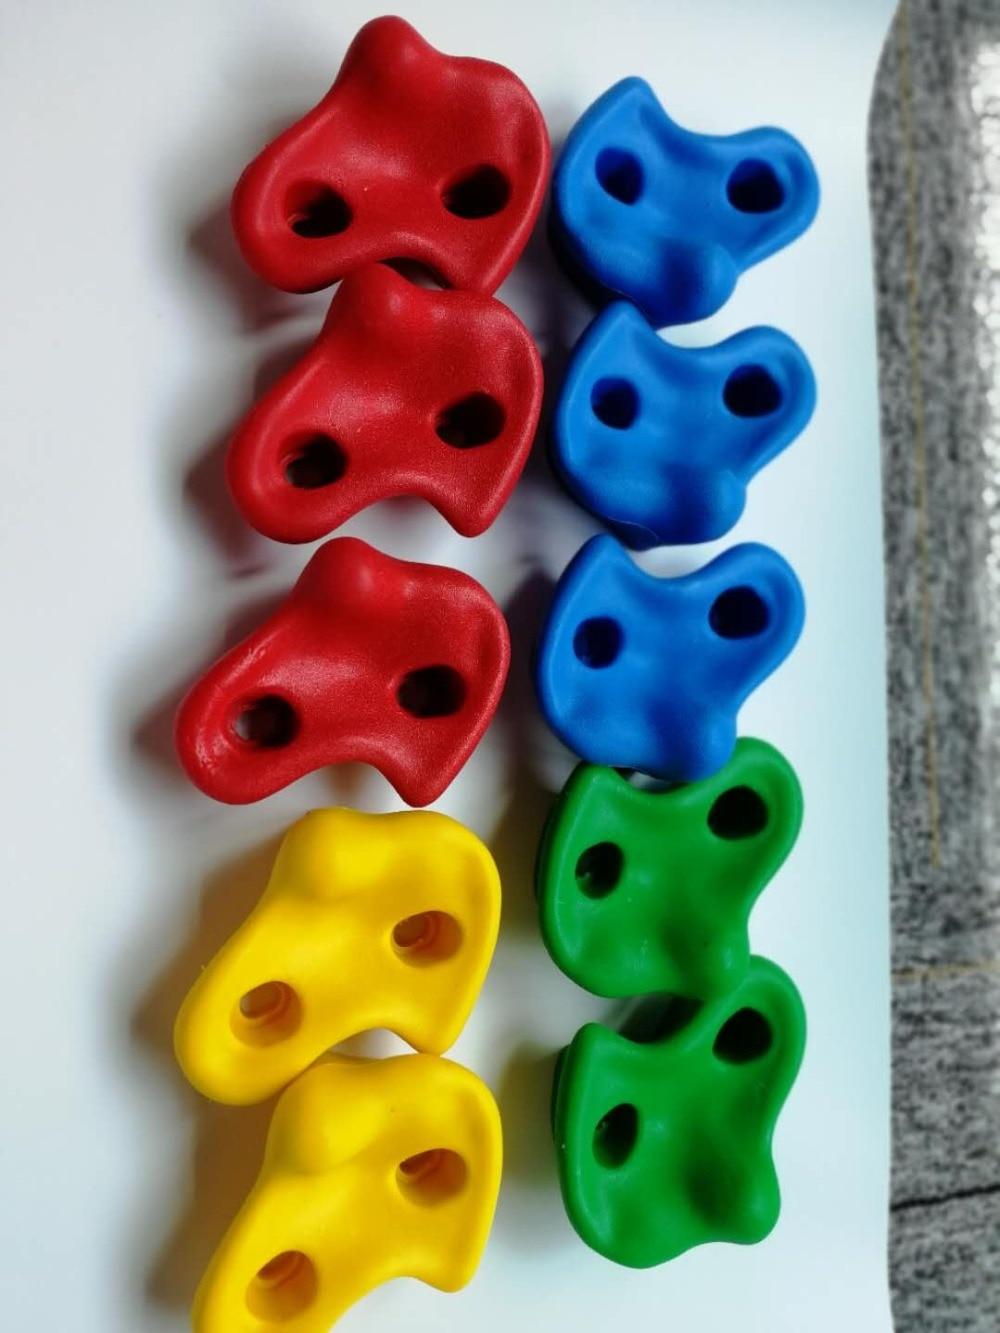 15 pcs 12 cm Grande Taille En Plastique Enfants Enfants Escalade Mur En Bois Des Pierres À La Main Pieds Détient Grip Kits Sans vis Couleur Aléatoire - 3